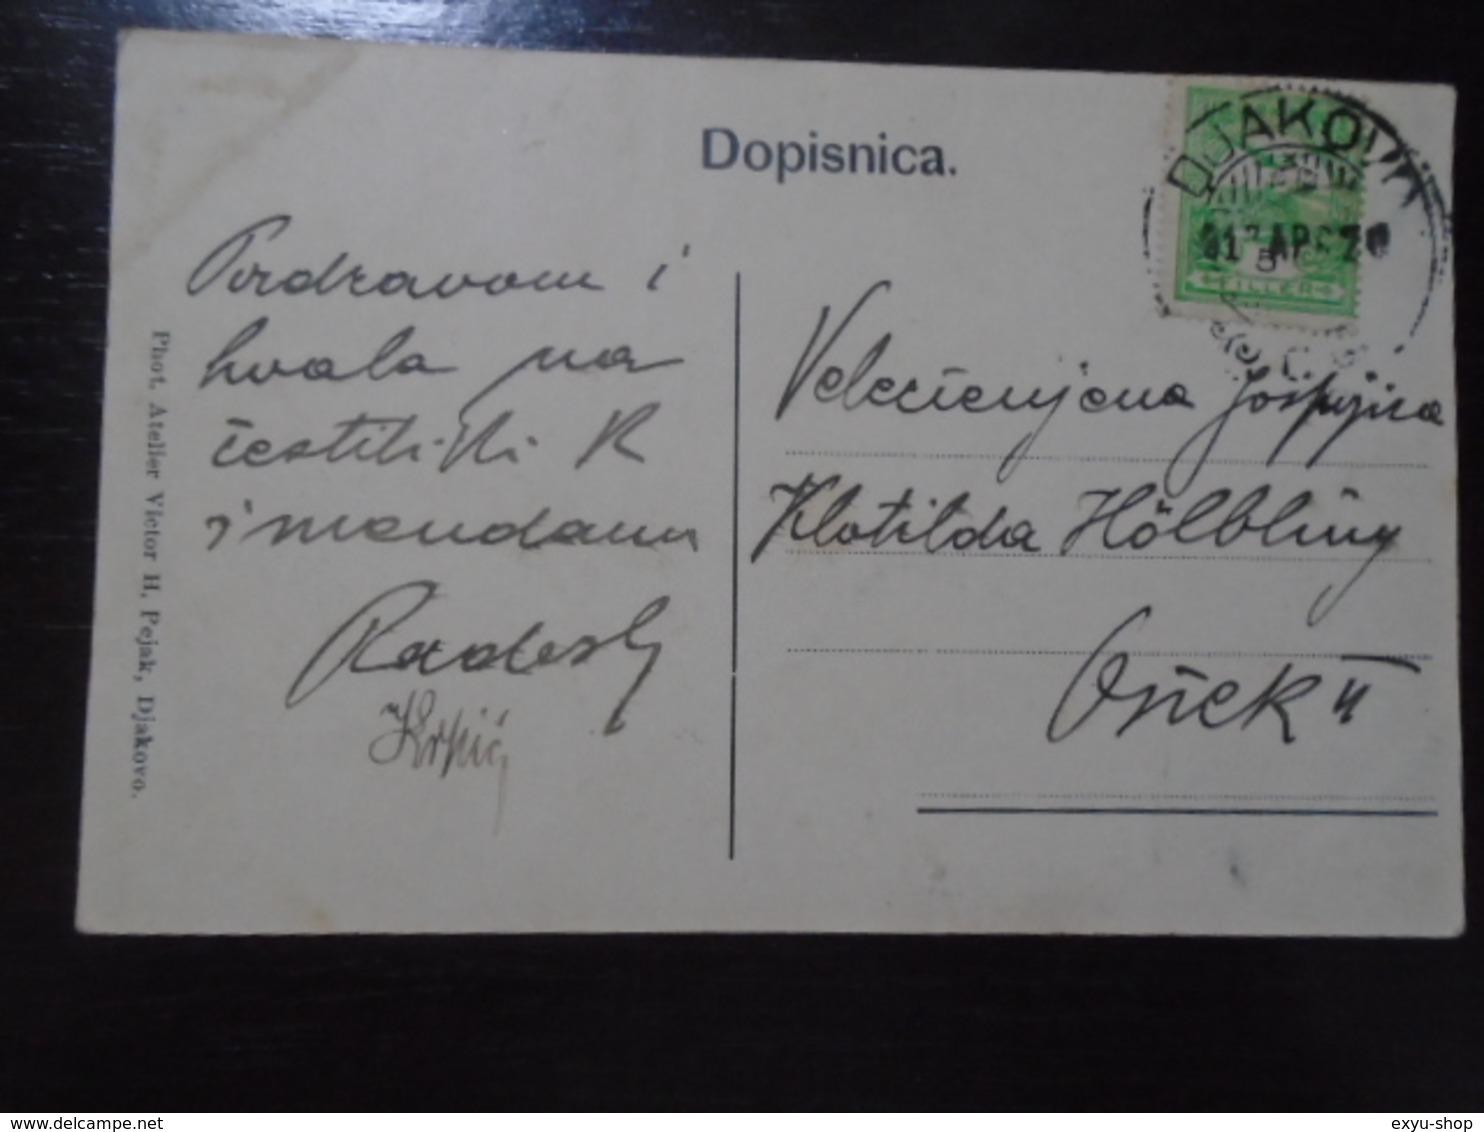 DJAKOVO - POZDRAV IZ VINOGORJA MANDICEVCA - VILA KRPIC VRANIKO - CROATIA - TRAVELLED - Croatia